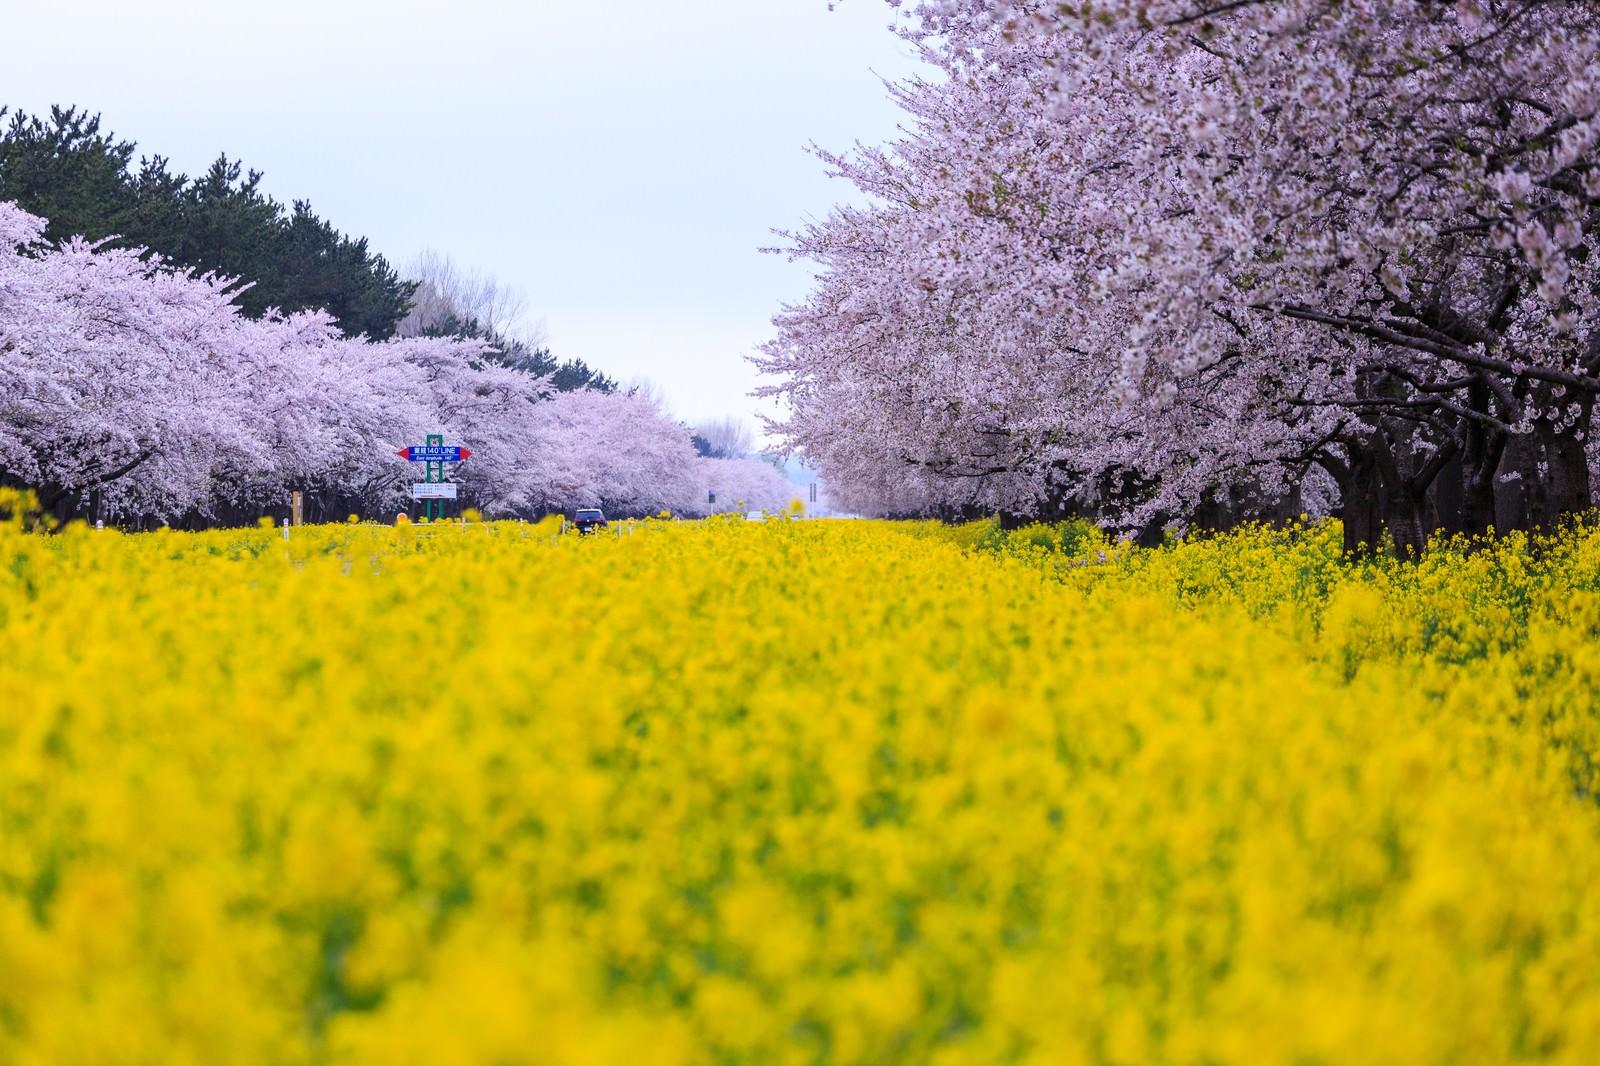 「桜と菜の花の境界線桜と菜の花の境界線」のフリー写真素材を拡大